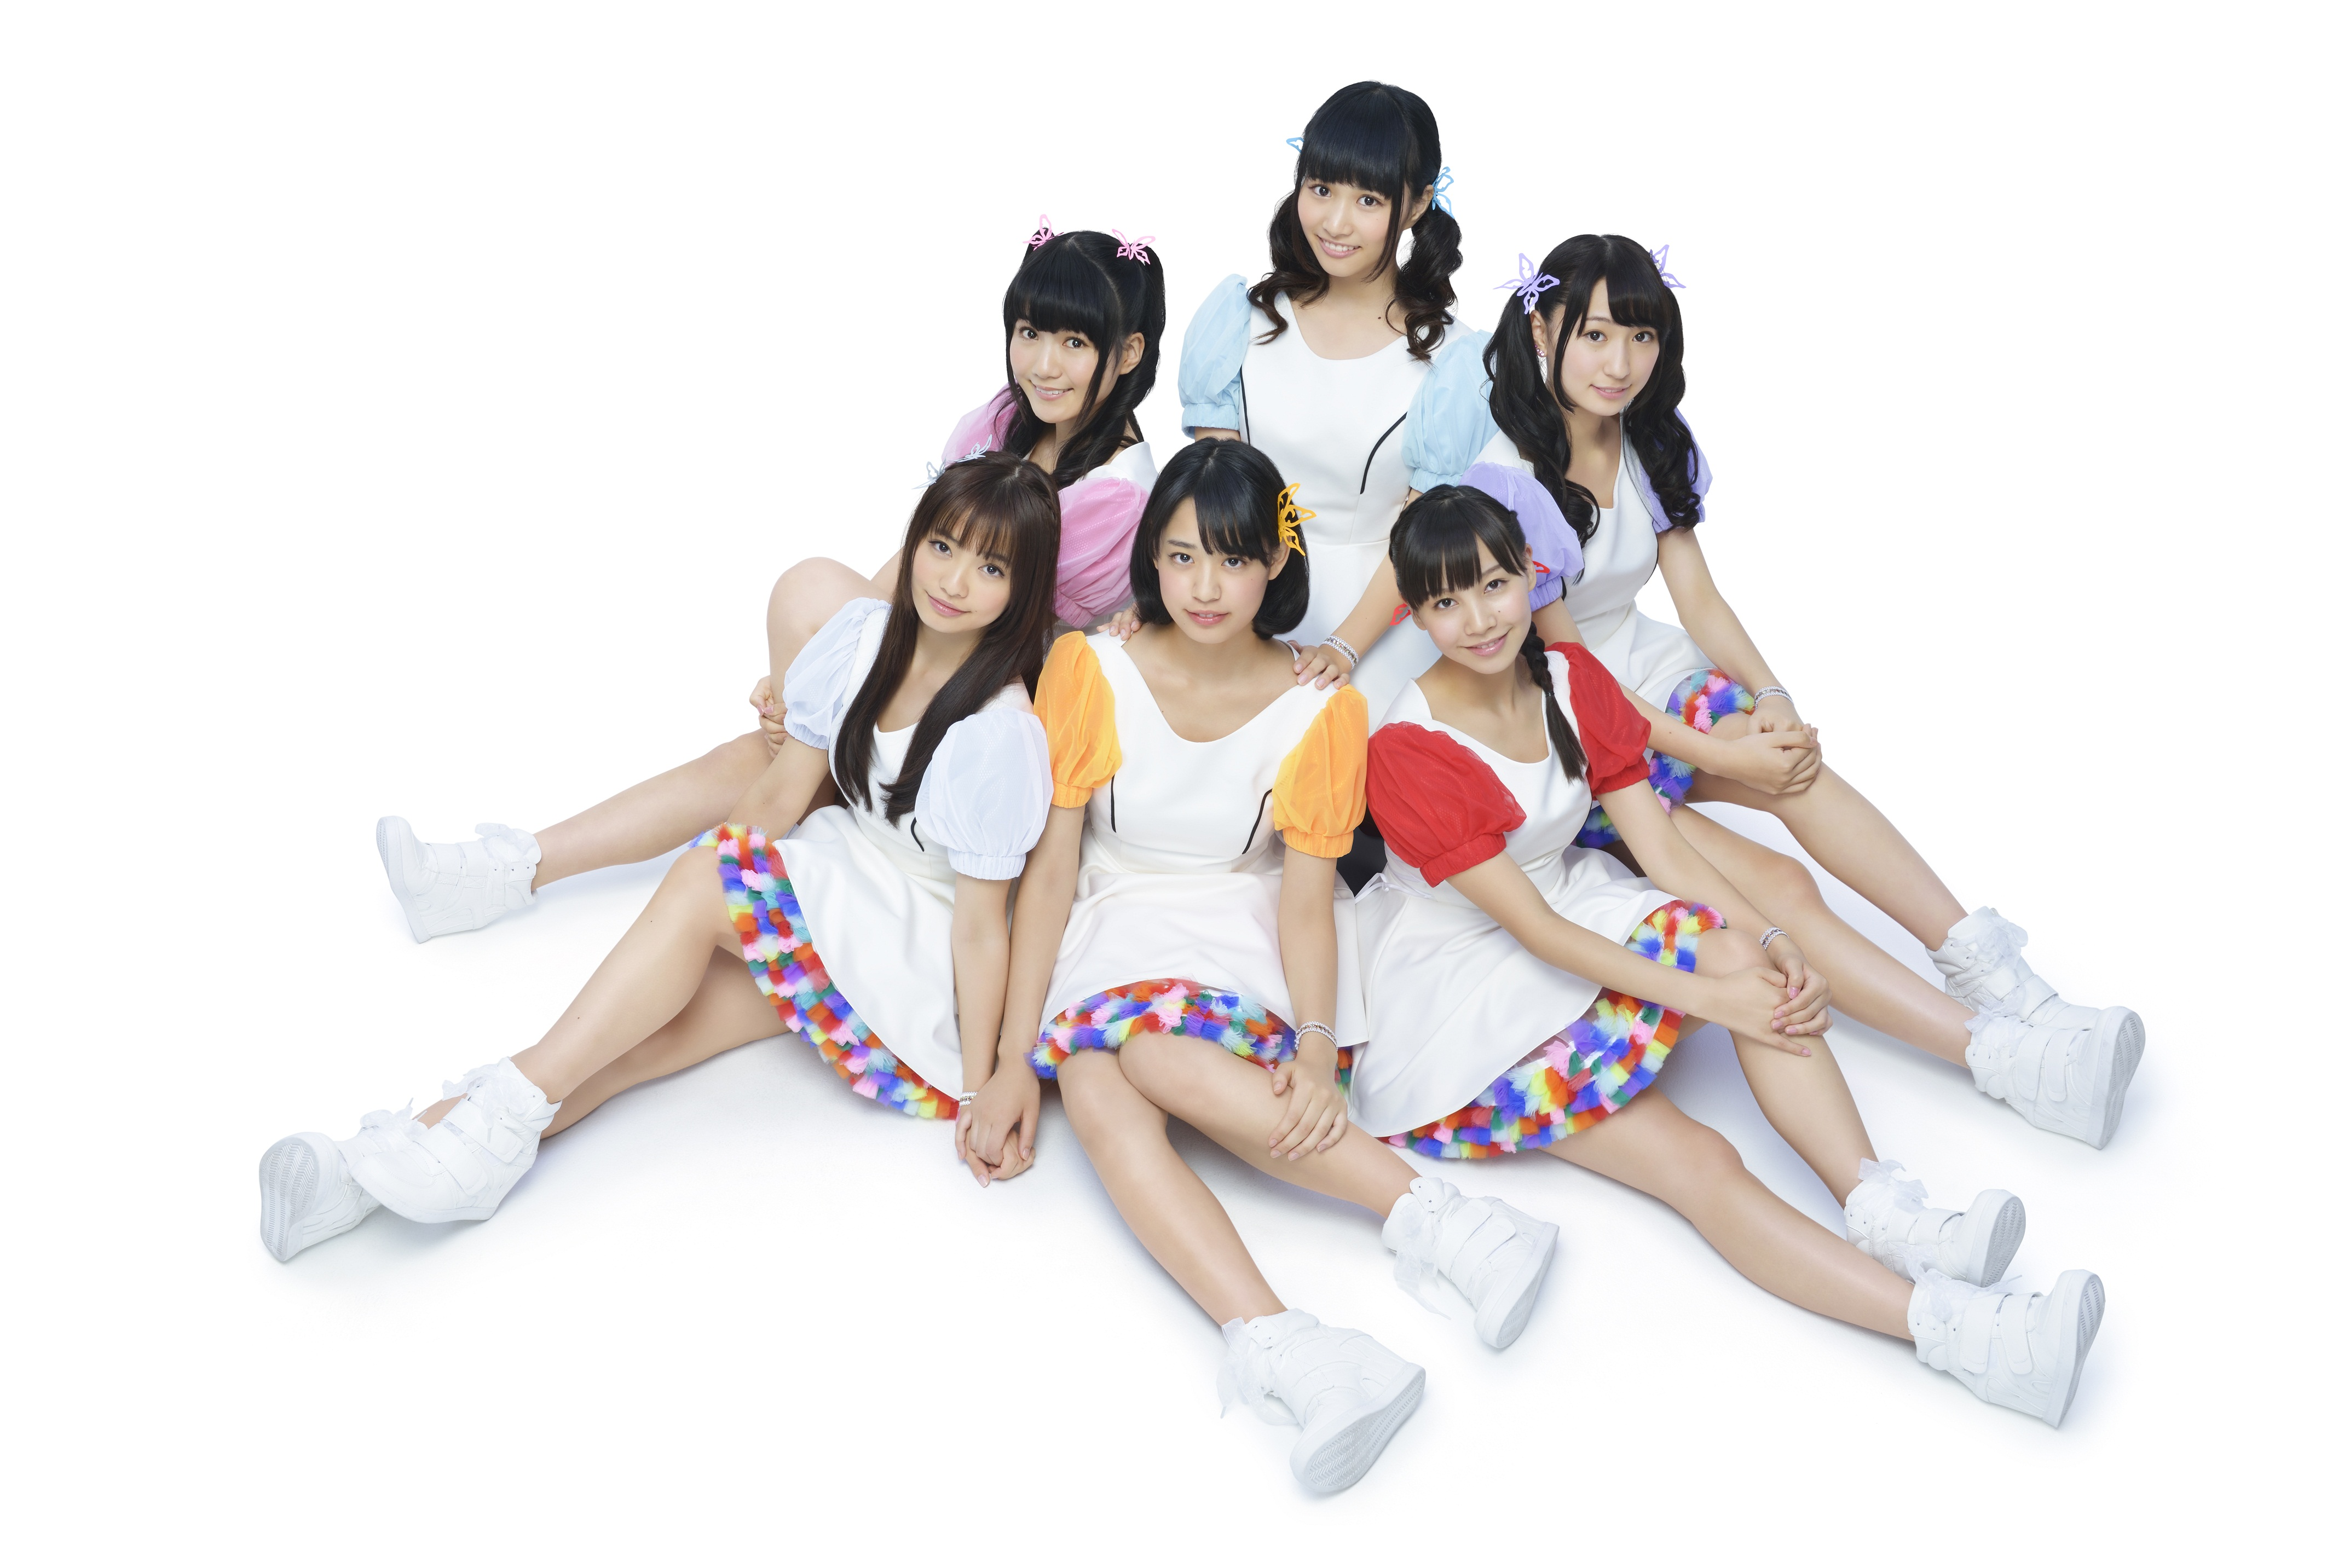 王道ピュアアイドルの究極系・paletのメンバーについて紹介